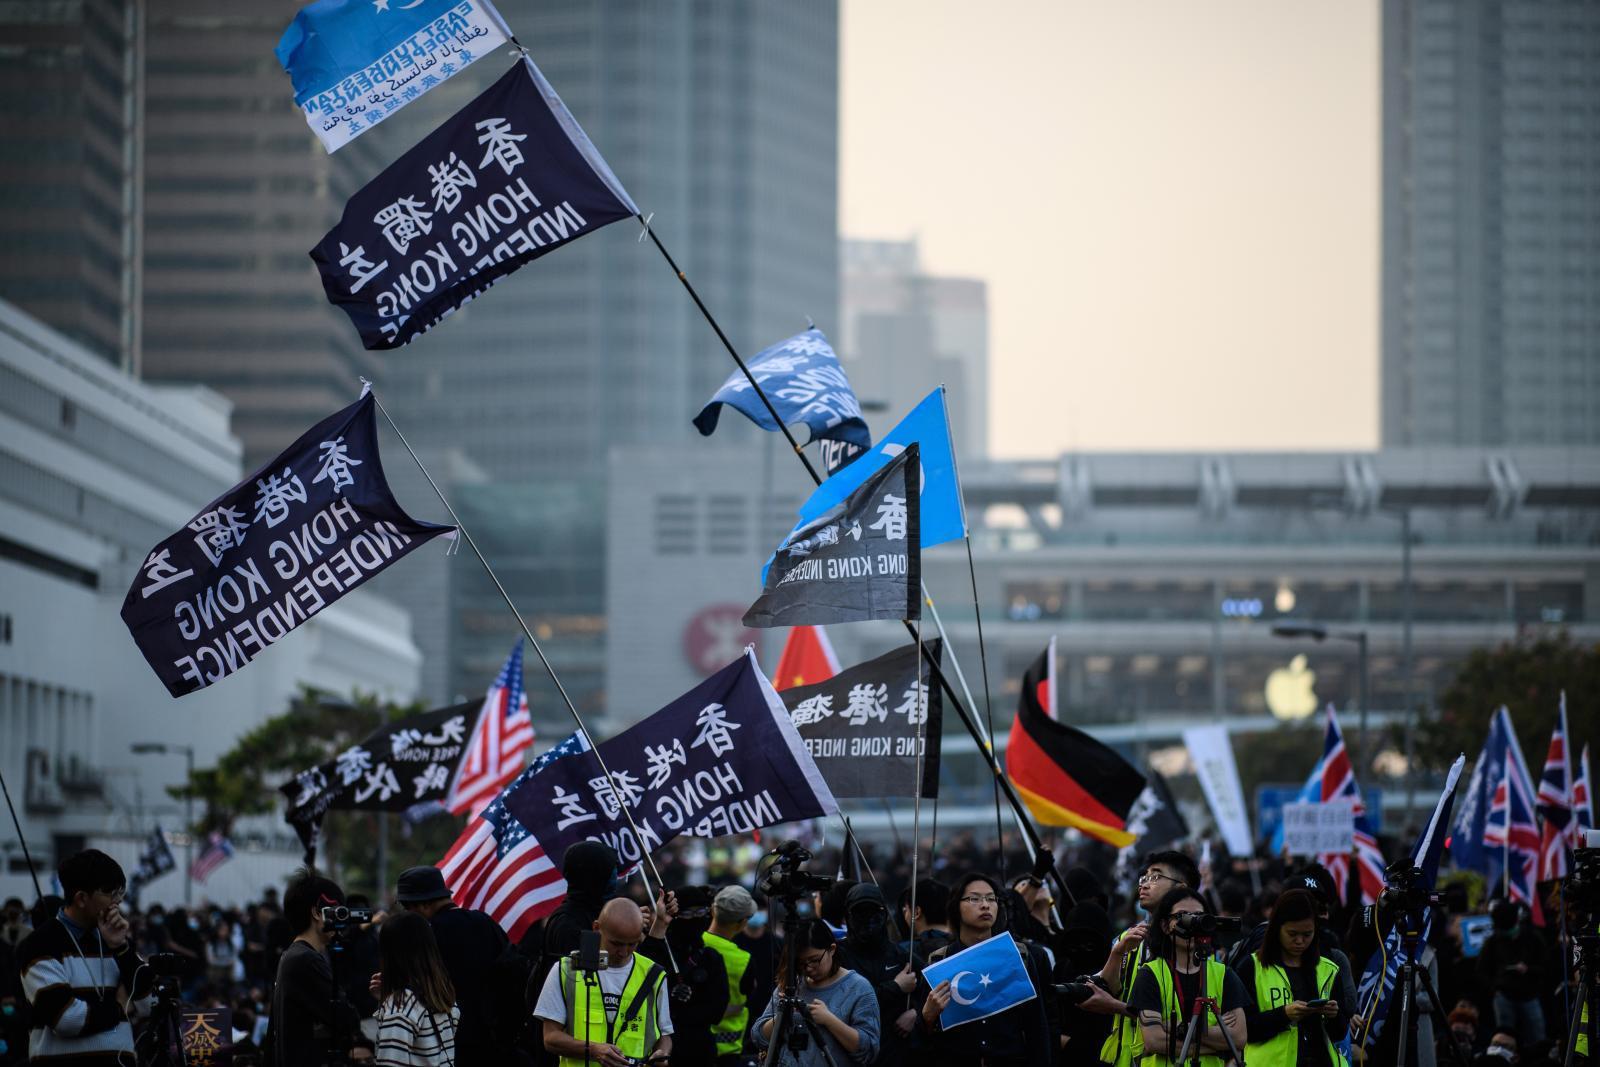 ม็อบฮ่องกงเรียกร้องเสรีภาพให้ชนกลุ่มน้อยอุยกูร์ในจีน